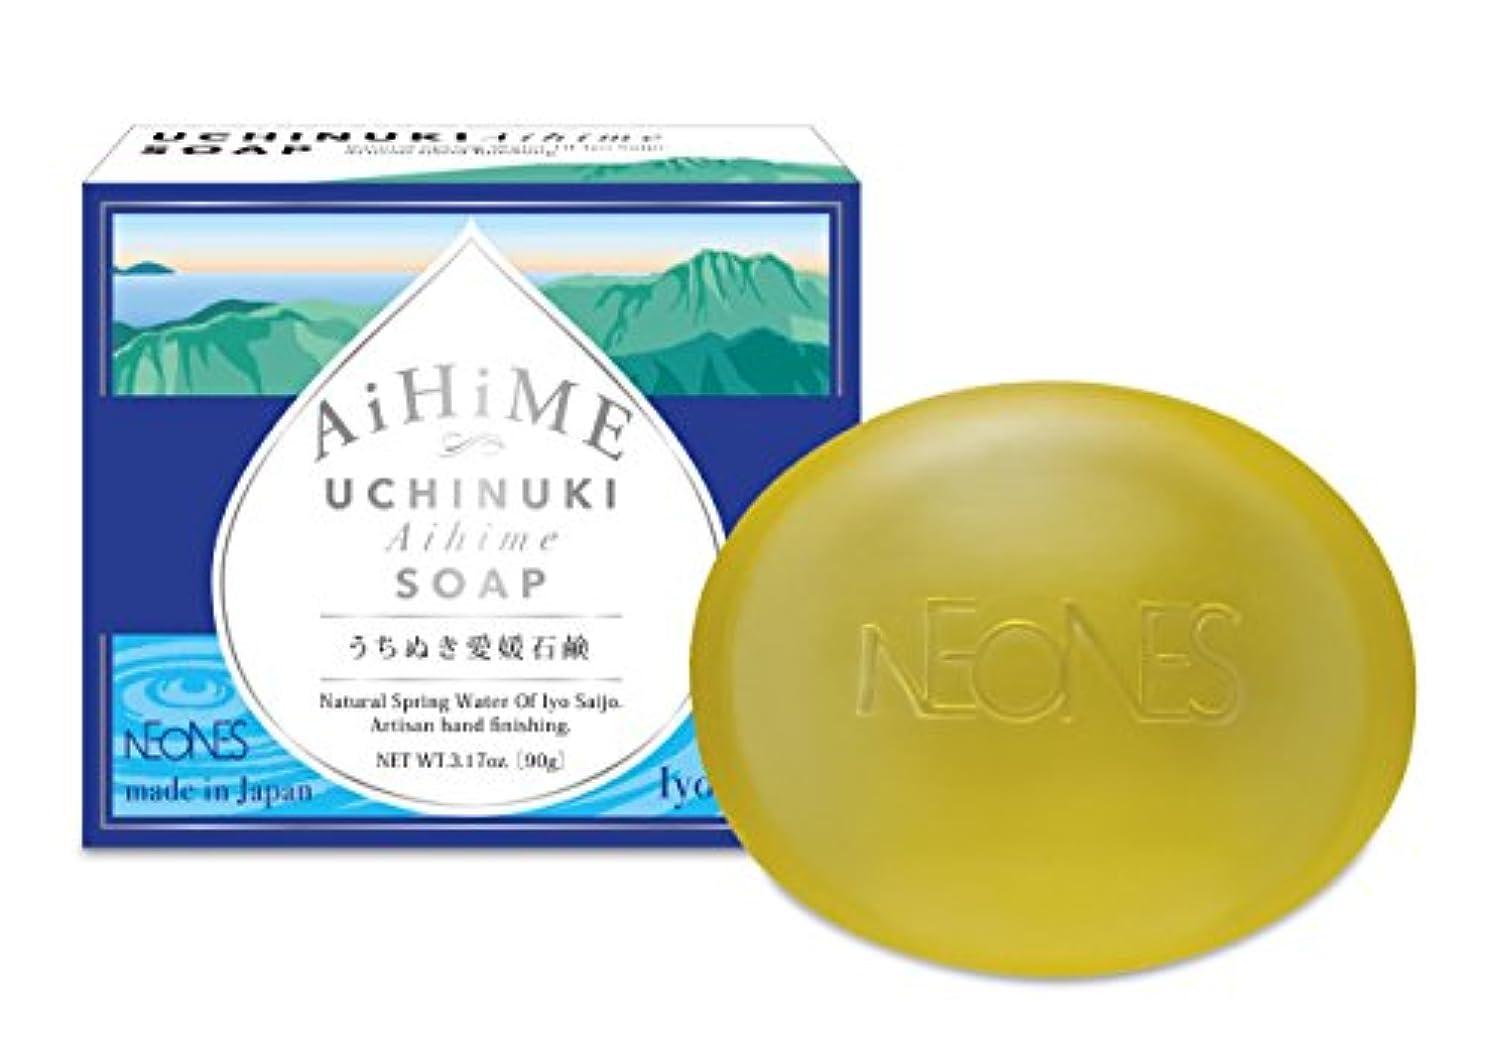 温帯組立フェミニン【うちぬき愛媛石鹸 90g】たっぷり美容成分ともっちり濃密泡でうるおい美容液洗顔。